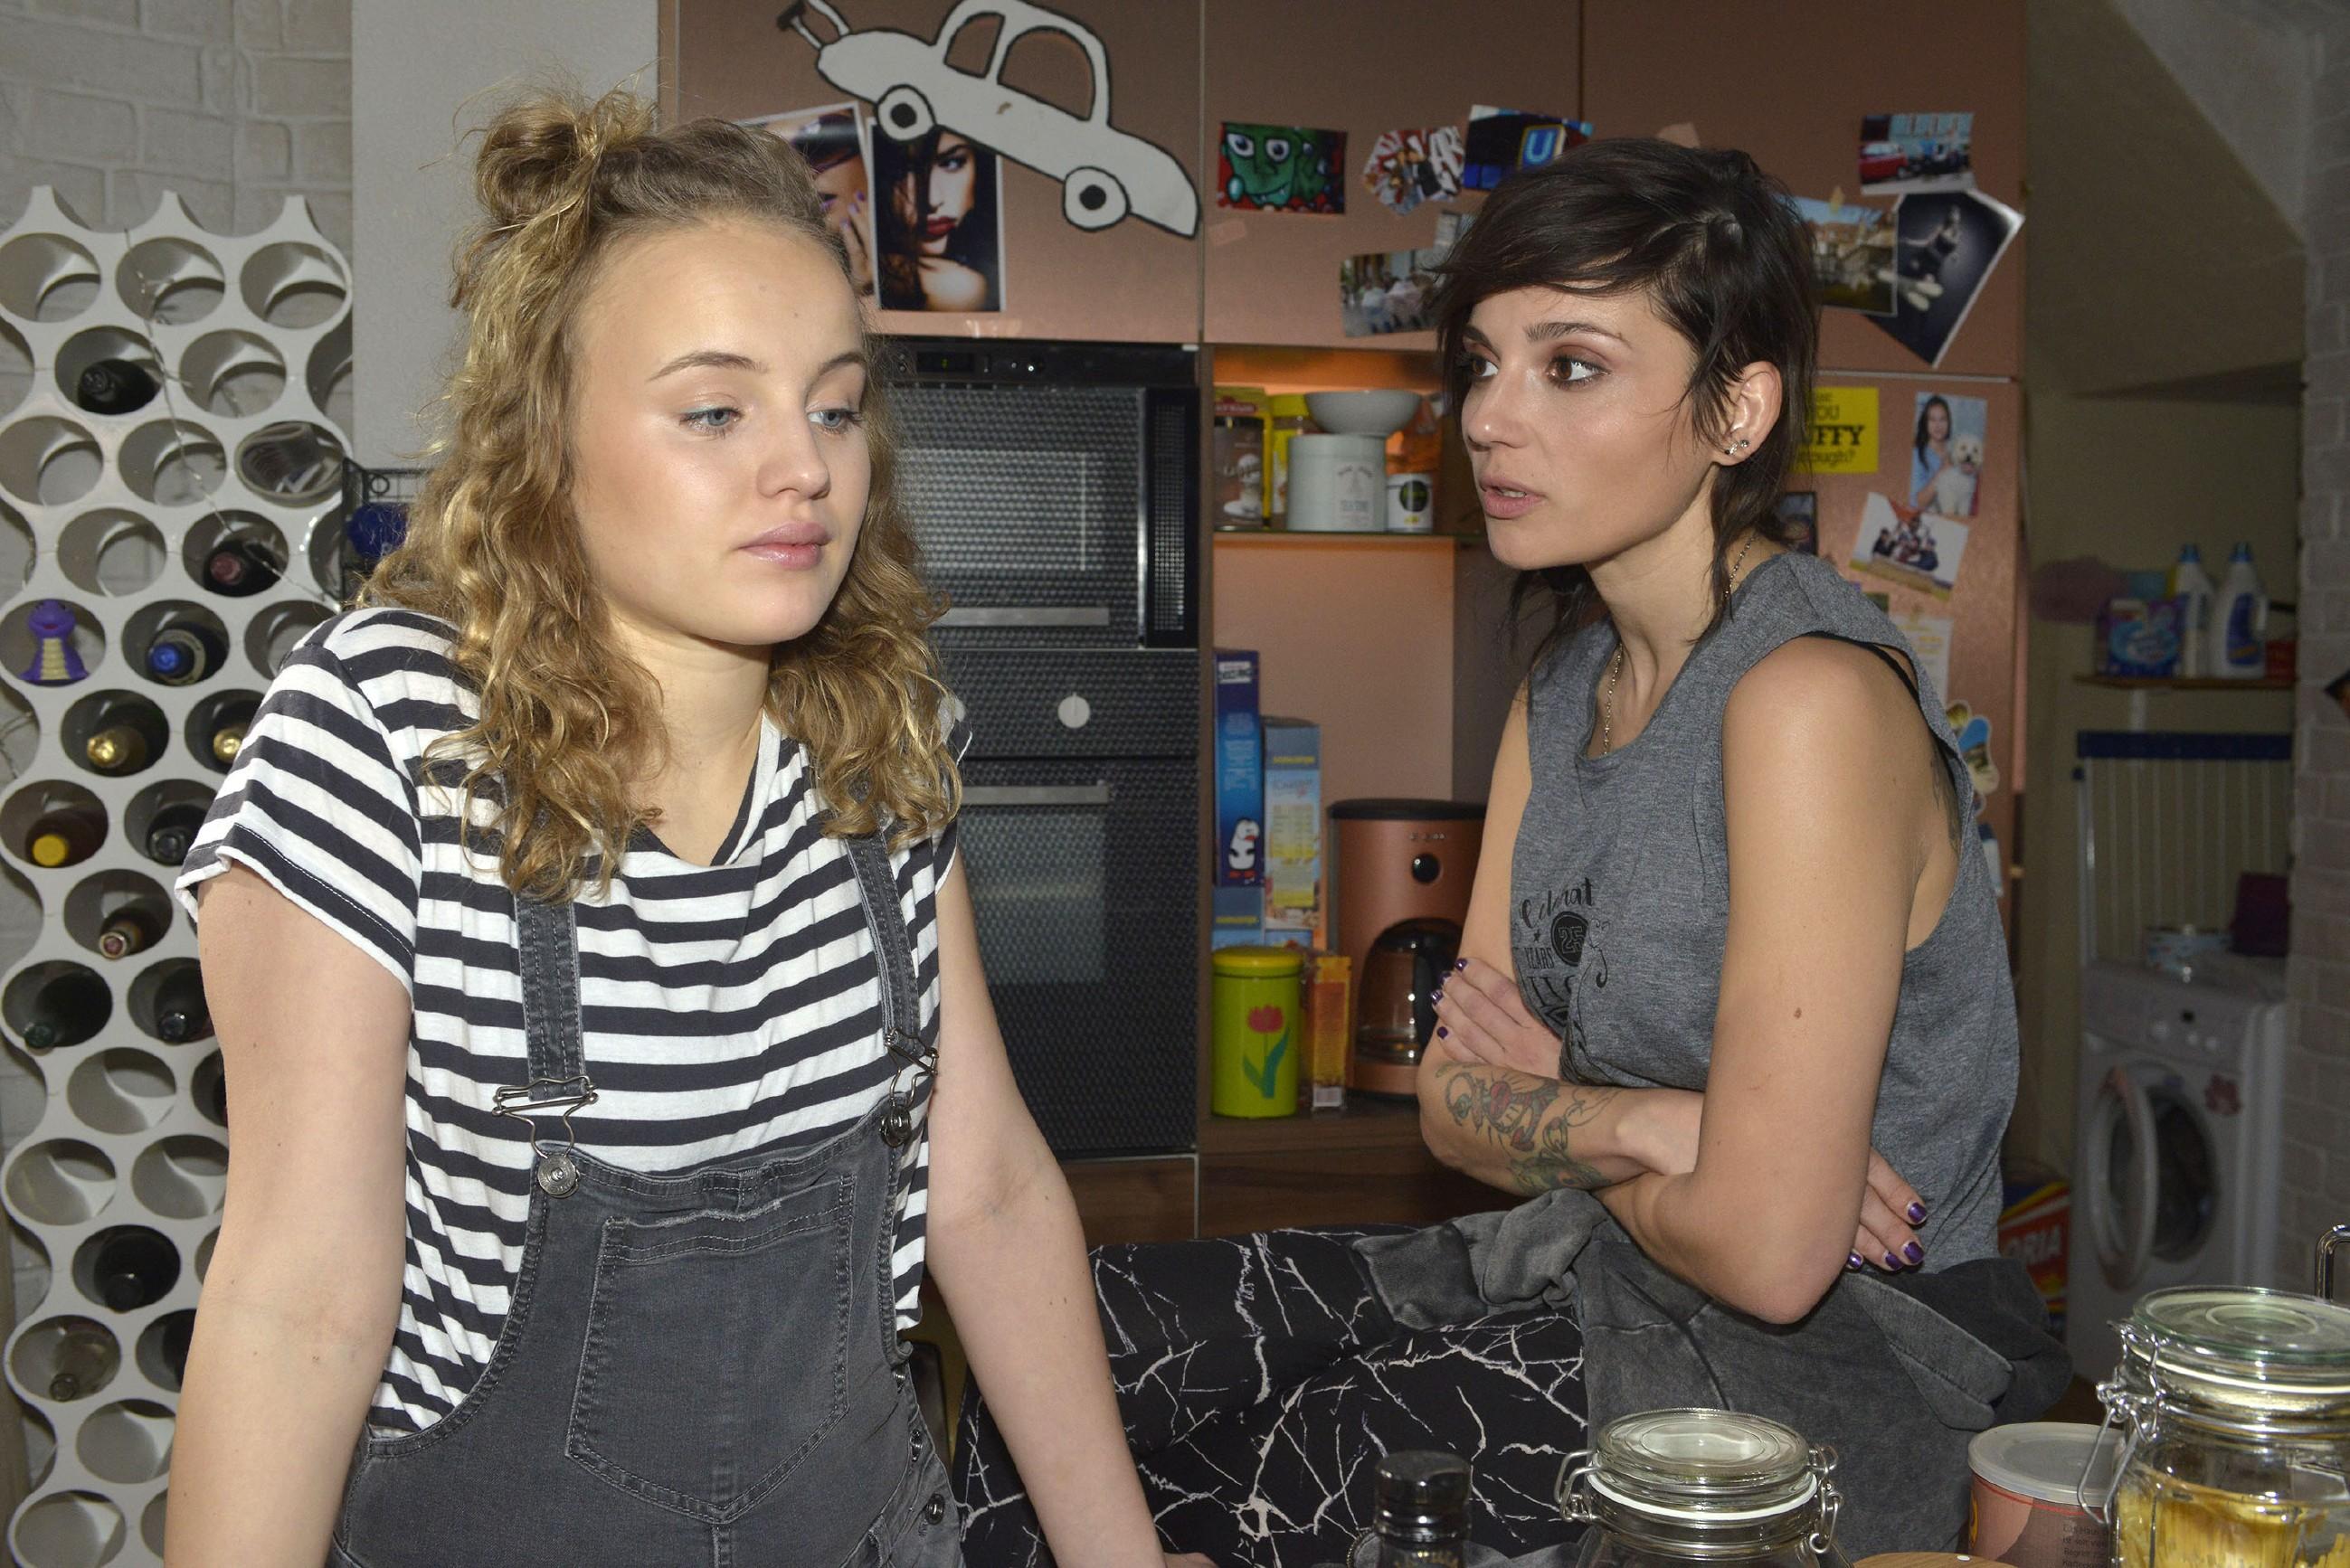 Jule (Luise Finckh, l.) erkennt im Gespräch mit Anni (Linda Marlen Runge), dass es mit ihr und Tuner so nicht weitergehen kann.